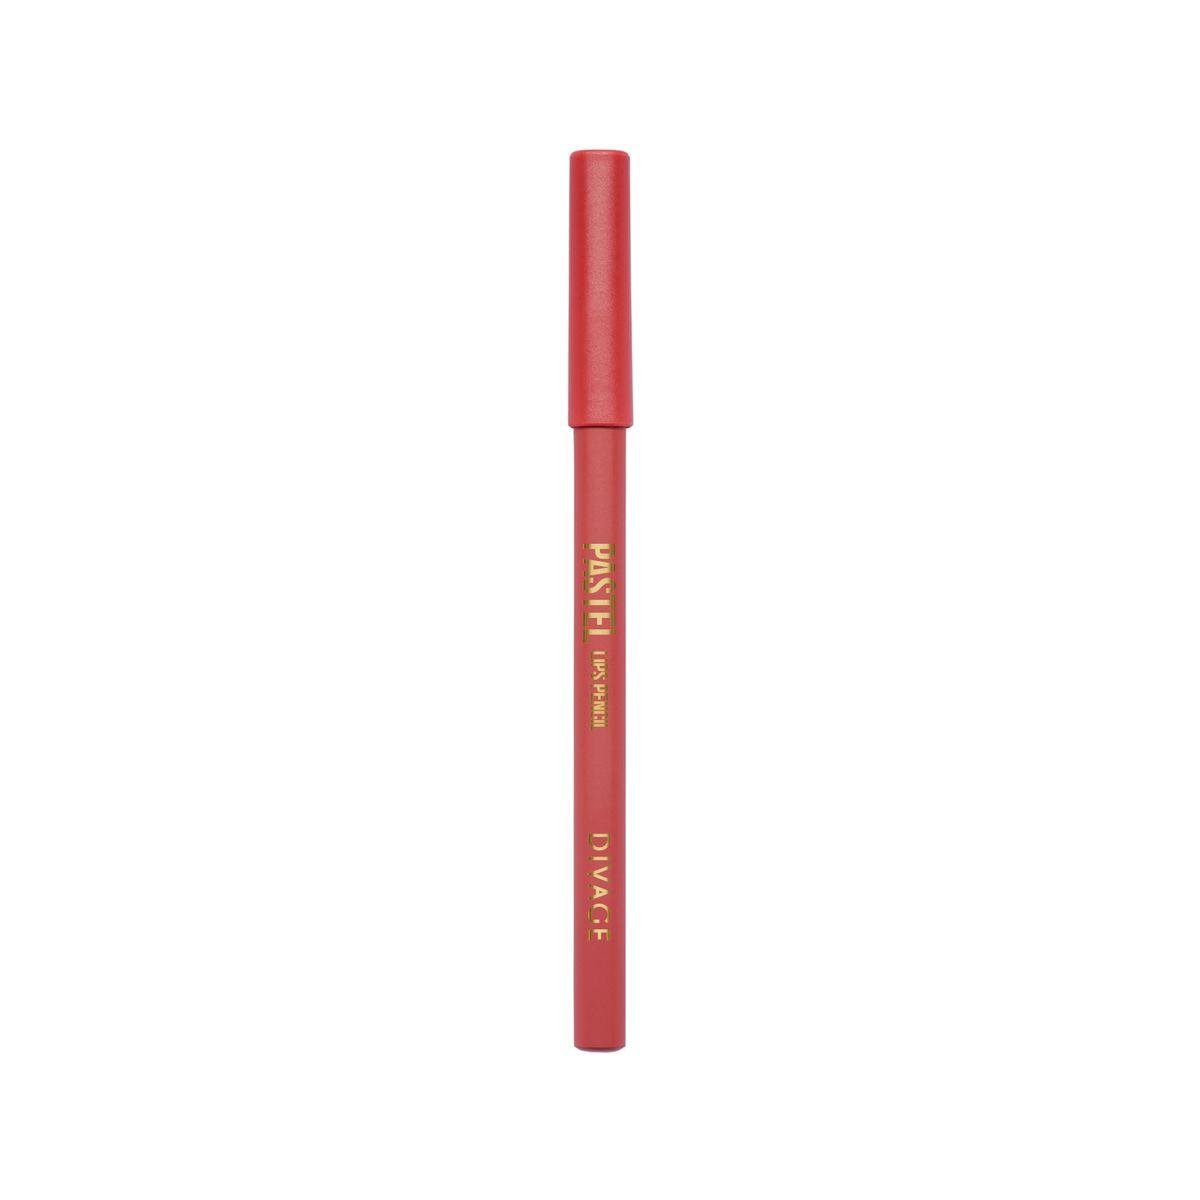 DIVAGE Карандаш для губ PASTEL, тон № 2208018728-001Мягкий карандаш подчеркивает контур губ, делая их форму более выразительной. Карандаш имеет удобную форму треугольника, благодаря которой не скатывается с плоской поверхности. Содержит смягчающие масла жожоба, соевых бобов, экстракт алоэ вера, витамины Е. Масло жожоба и соевых бобов придаёт контуру кондиционирующее и смягчающее свойства. Оно регулирует водно-липидный баланс, предохраняя кожу губ от сухости. Открой для себя сочетание глубокого цвета и деликатного ухода с карандашами PASTEL от DIVAGE!